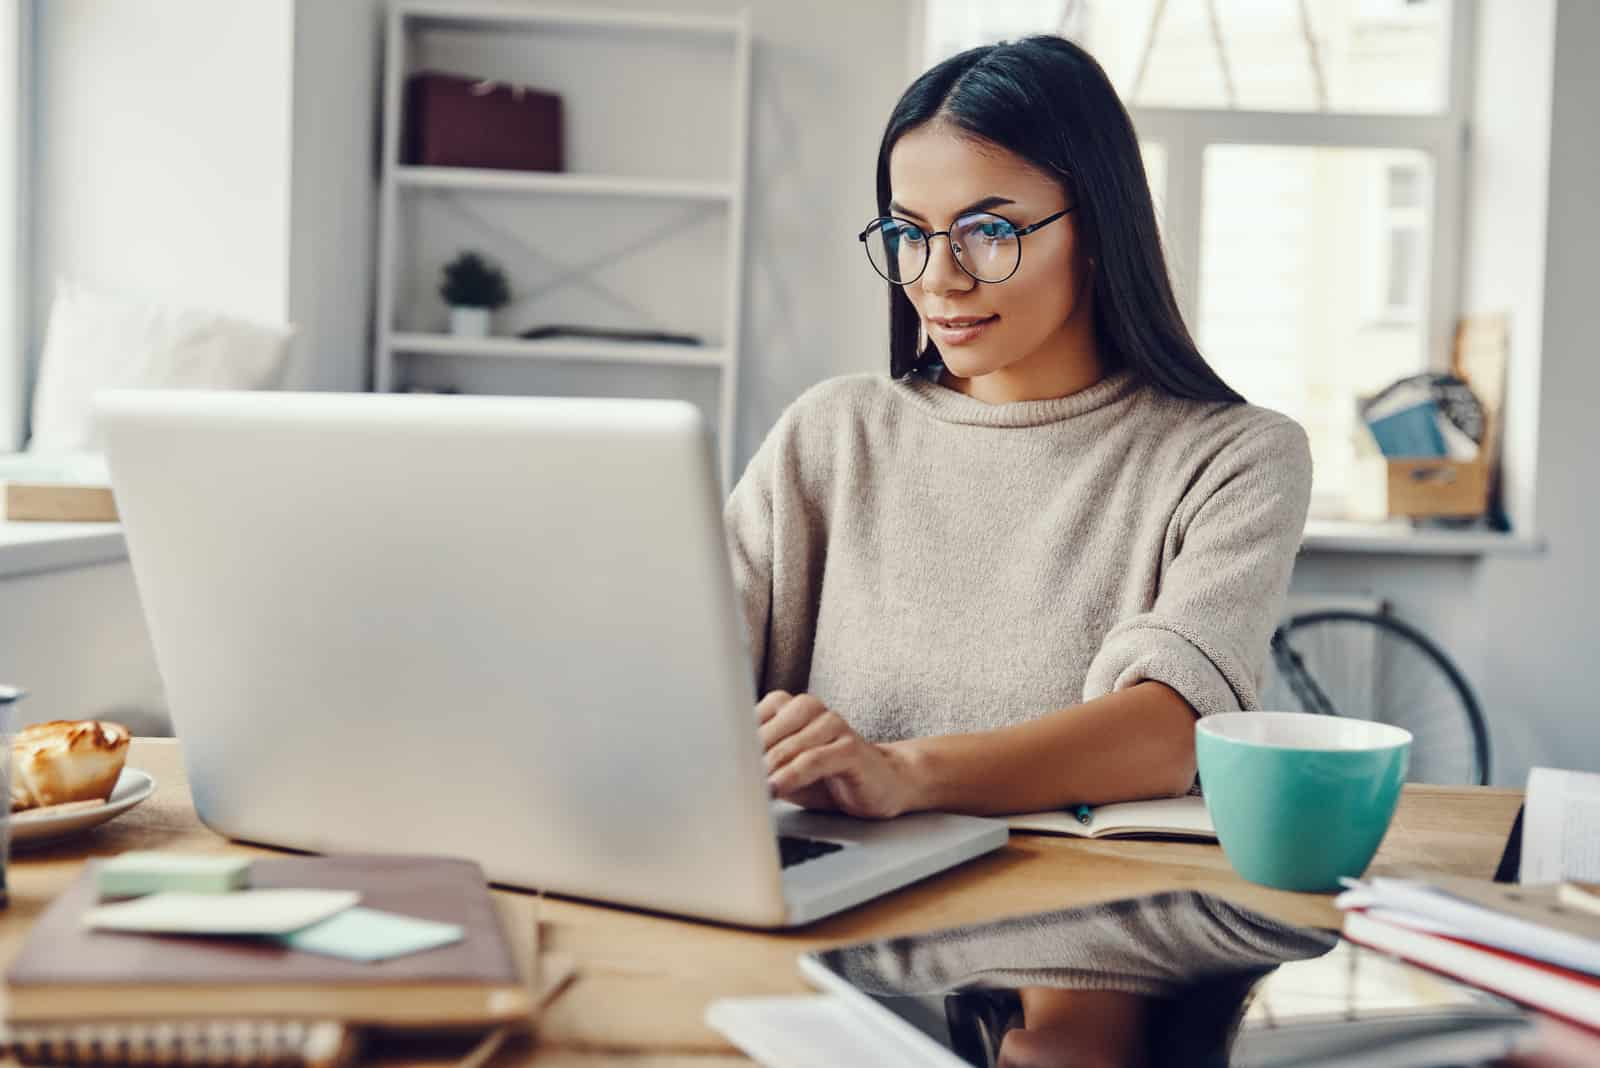 eine Frau mit langen schwarzen Haaren, die an einem Tisch sitzt und auf einem Laptop tippt